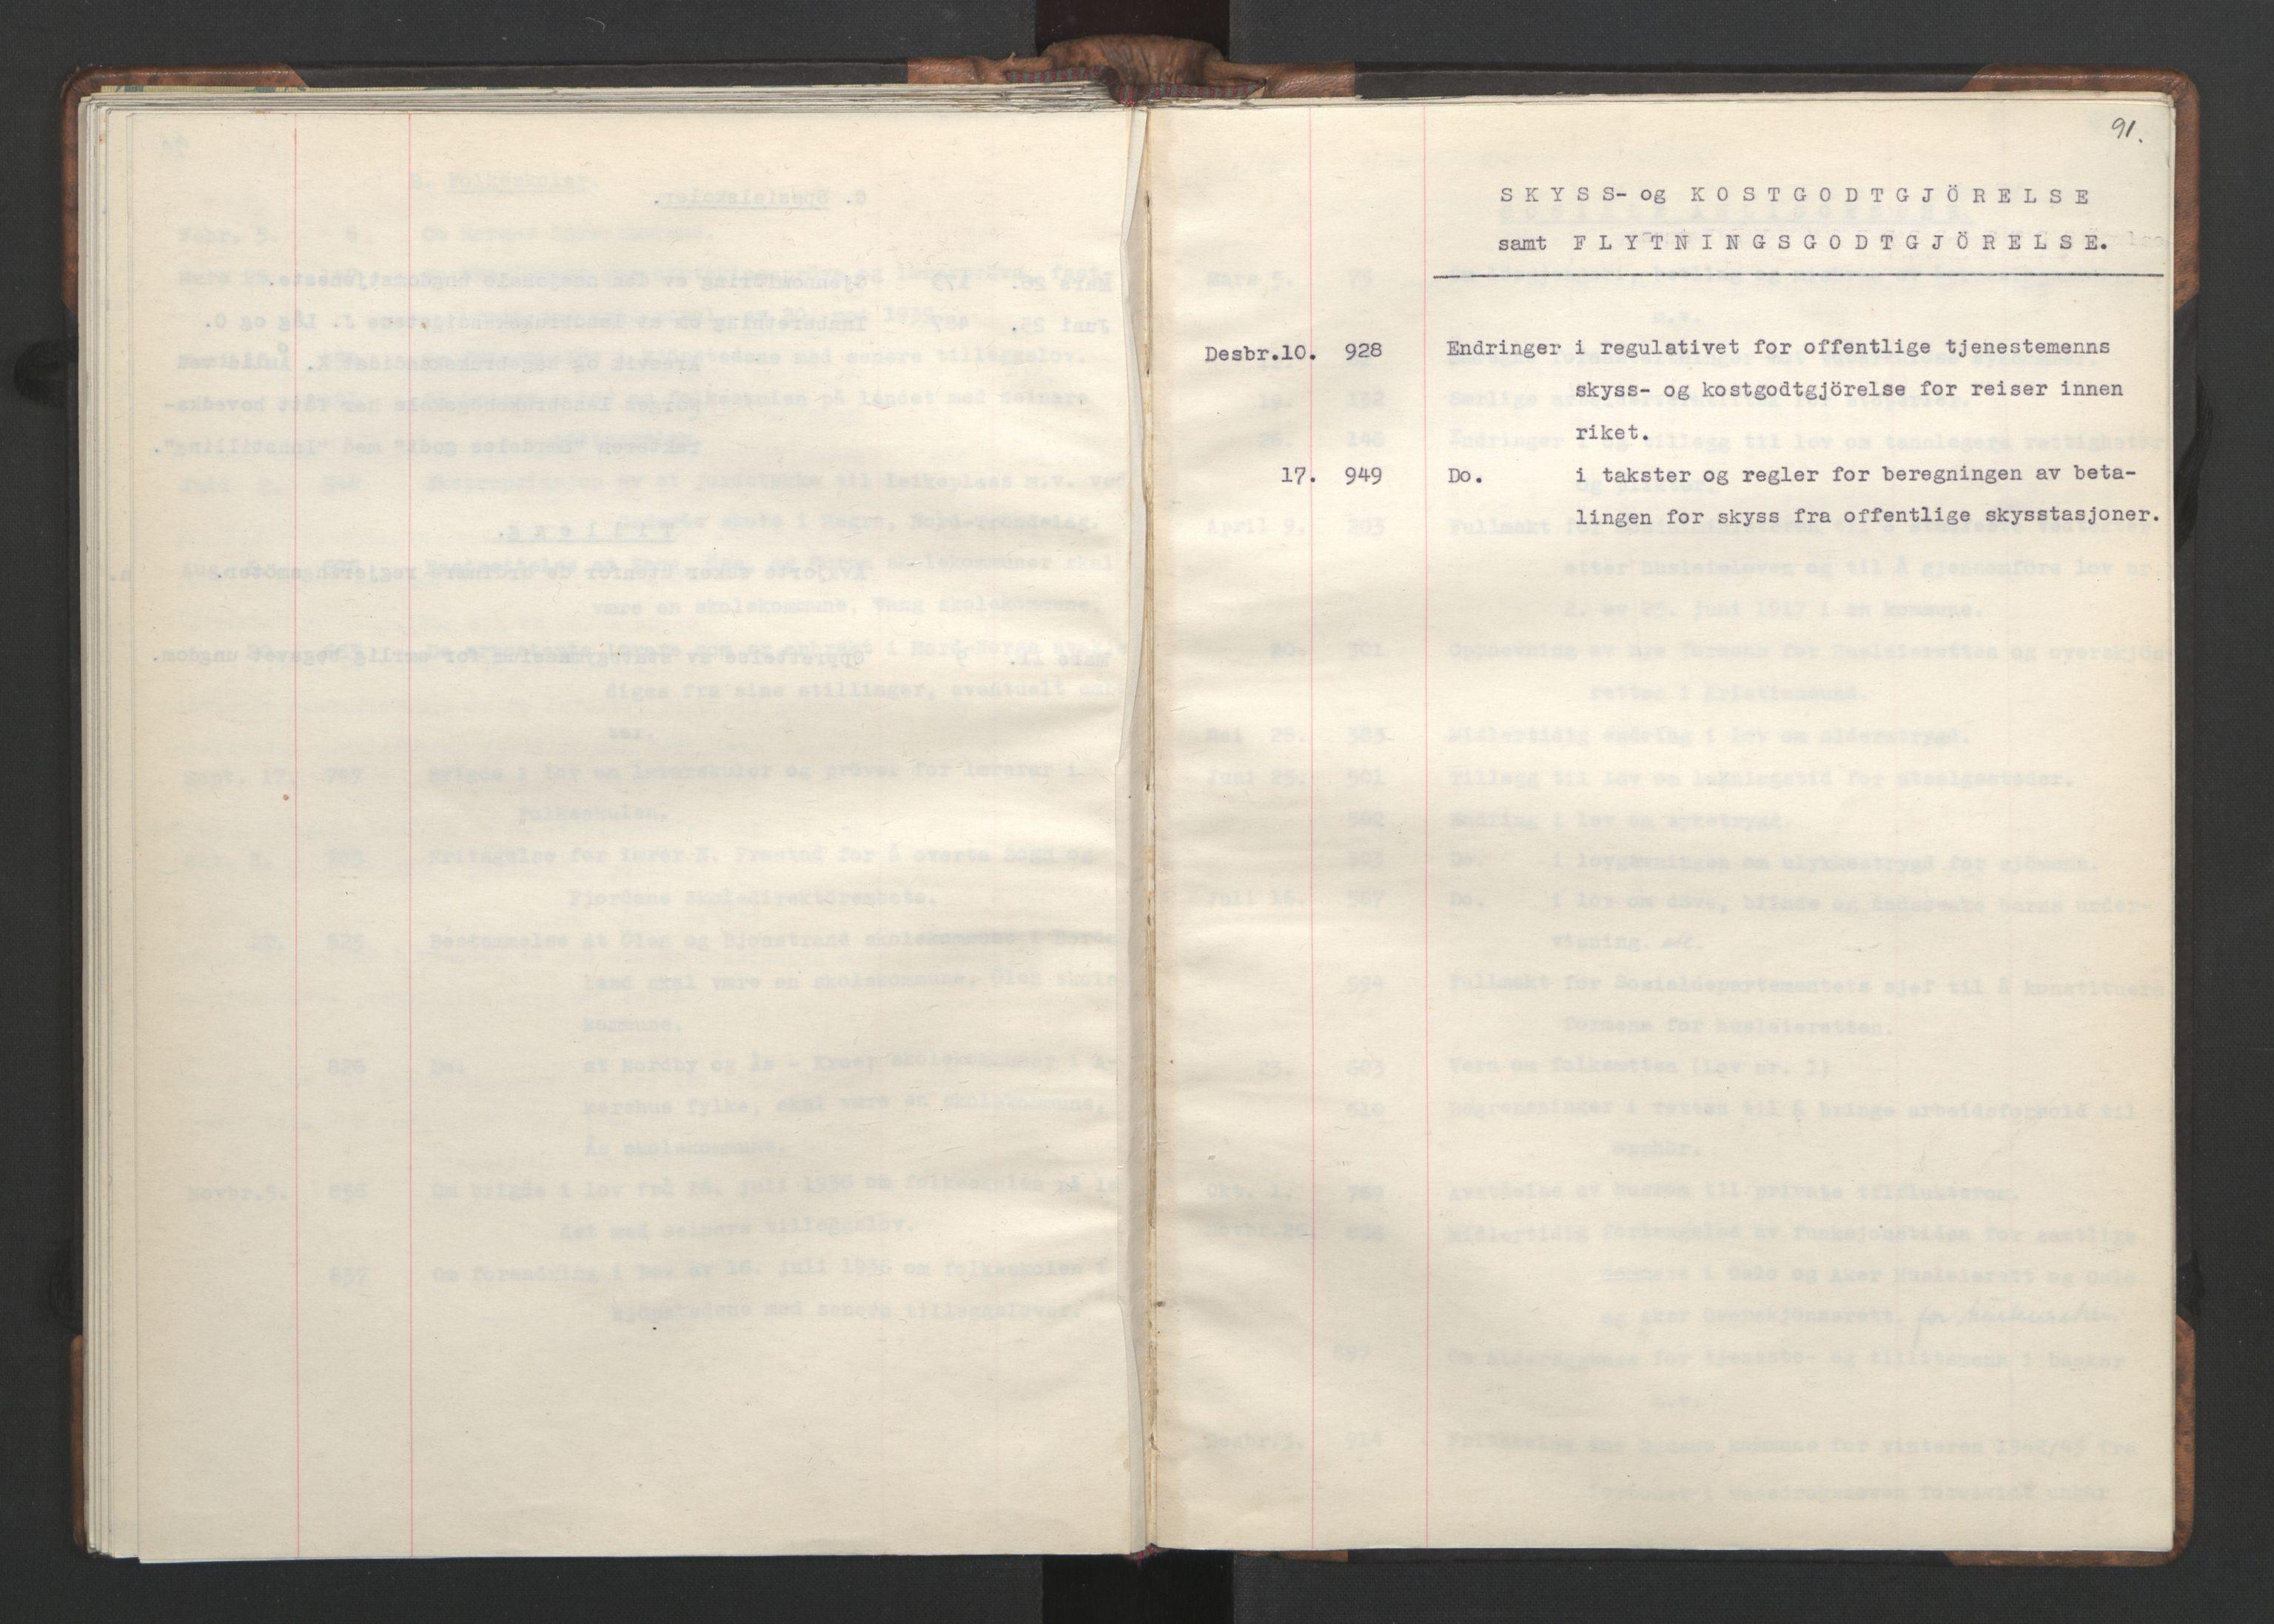 RA, NS-administrasjonen 1940-1945 (Statsrådsekretariatet, de kommisariske statsråder mm), D/Da/L0002: Register (RA j.nr. 985/1943, tilgangsnr. 17/1943), 1942, s. 90b-91a